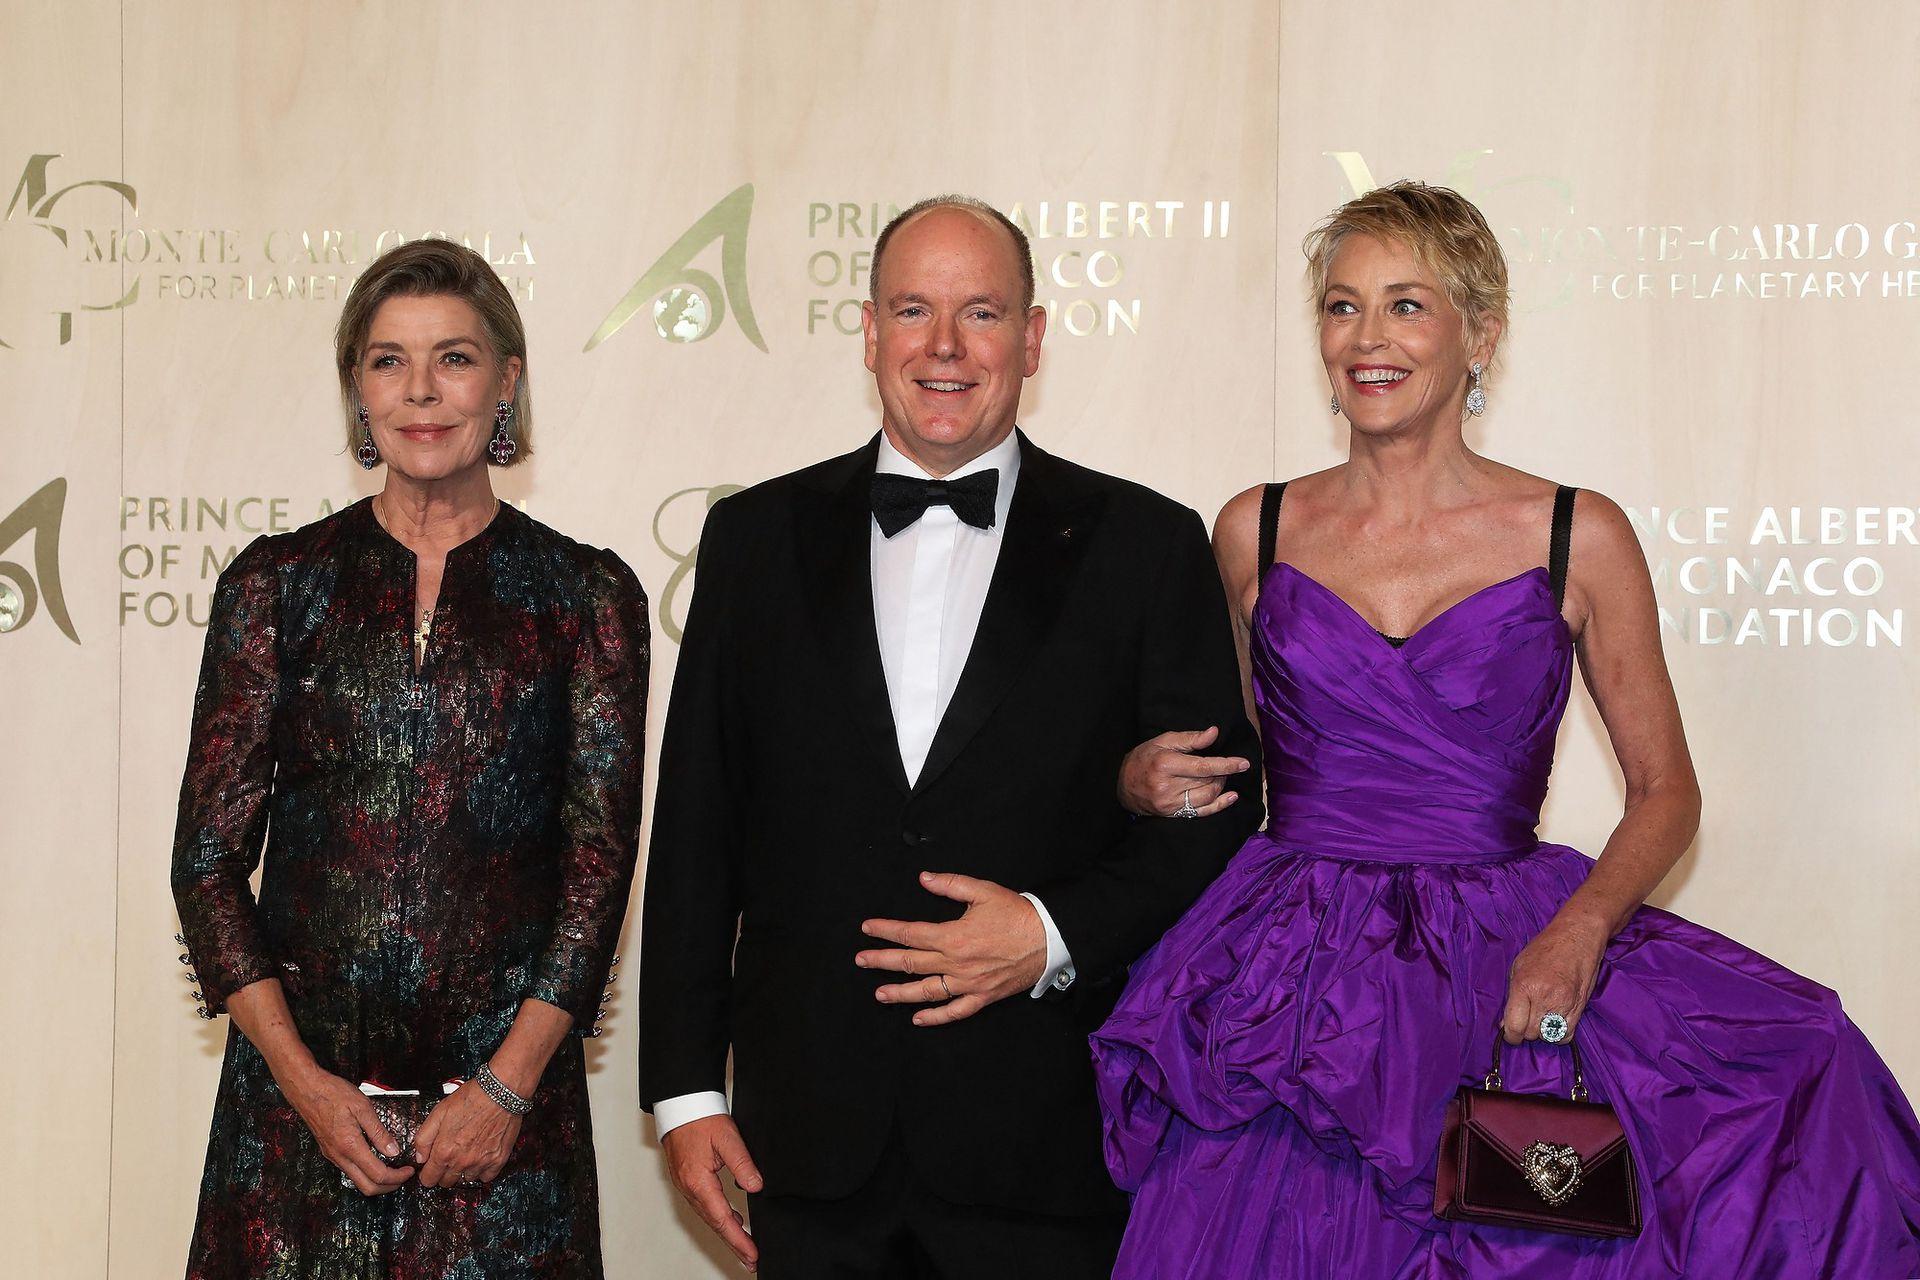 Una deslumbrante Sharon Stone, con un espectacular vestido violeta, tuvo su aparición junto al Príncipe Alberto II de Mónaco y la princesa Carolina de Hanover en Mónaco